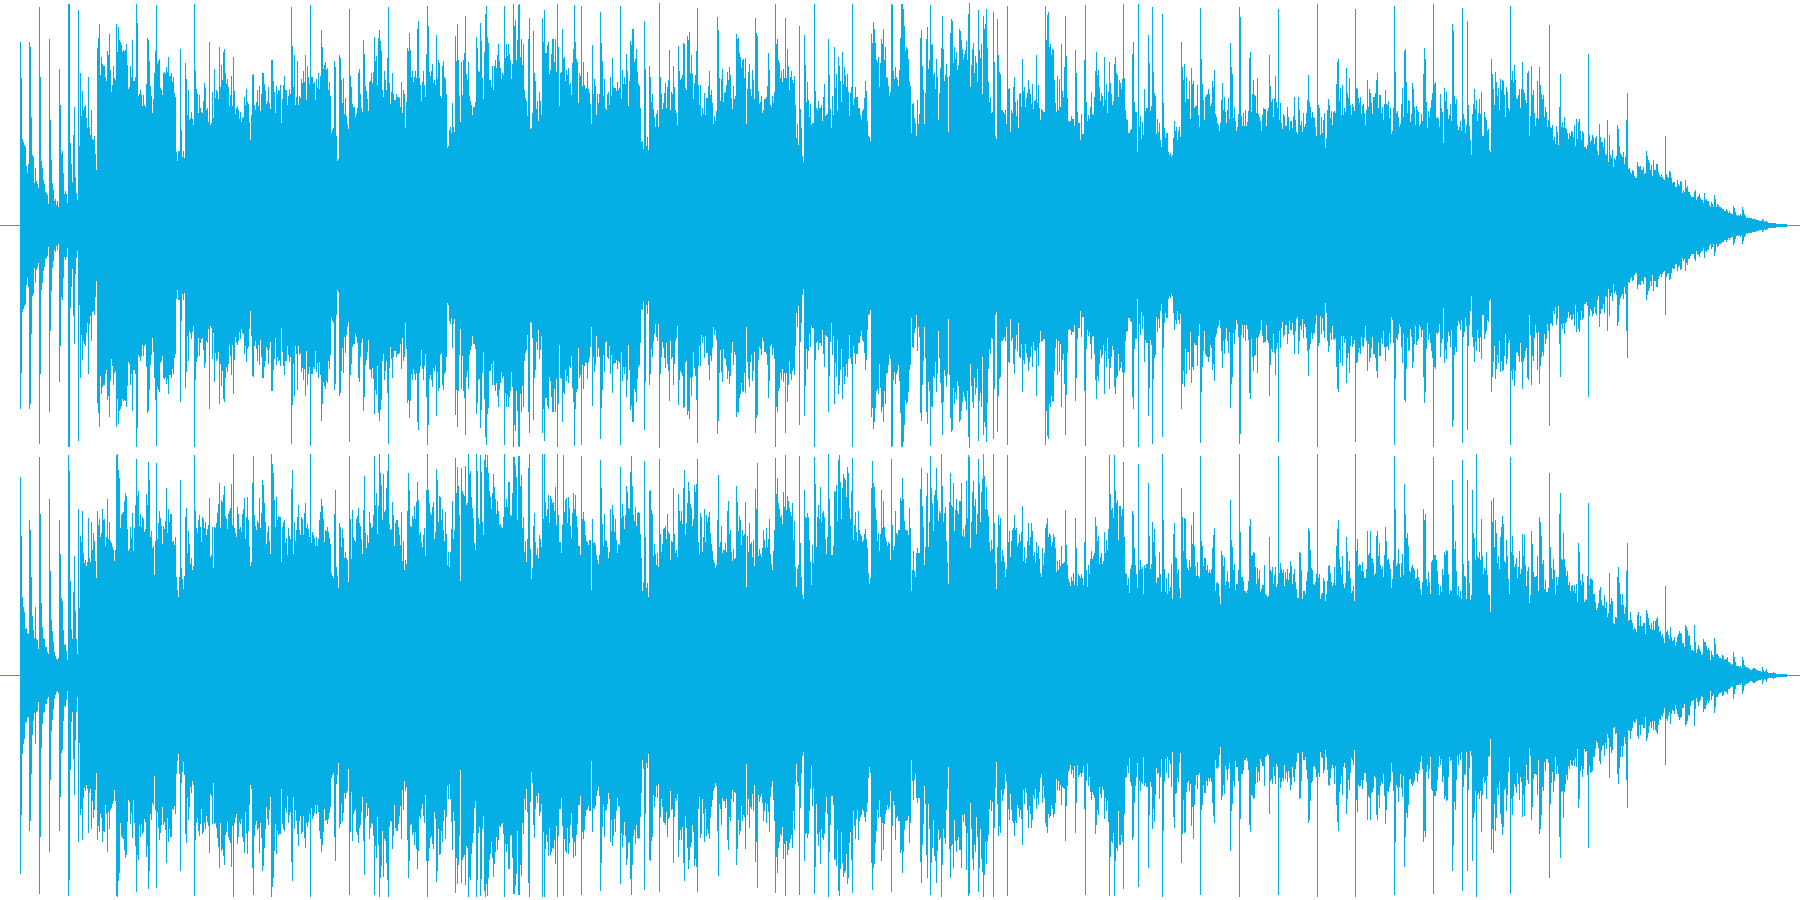 ファミリーカーCM風の楽しいBGMの再生済みの波形